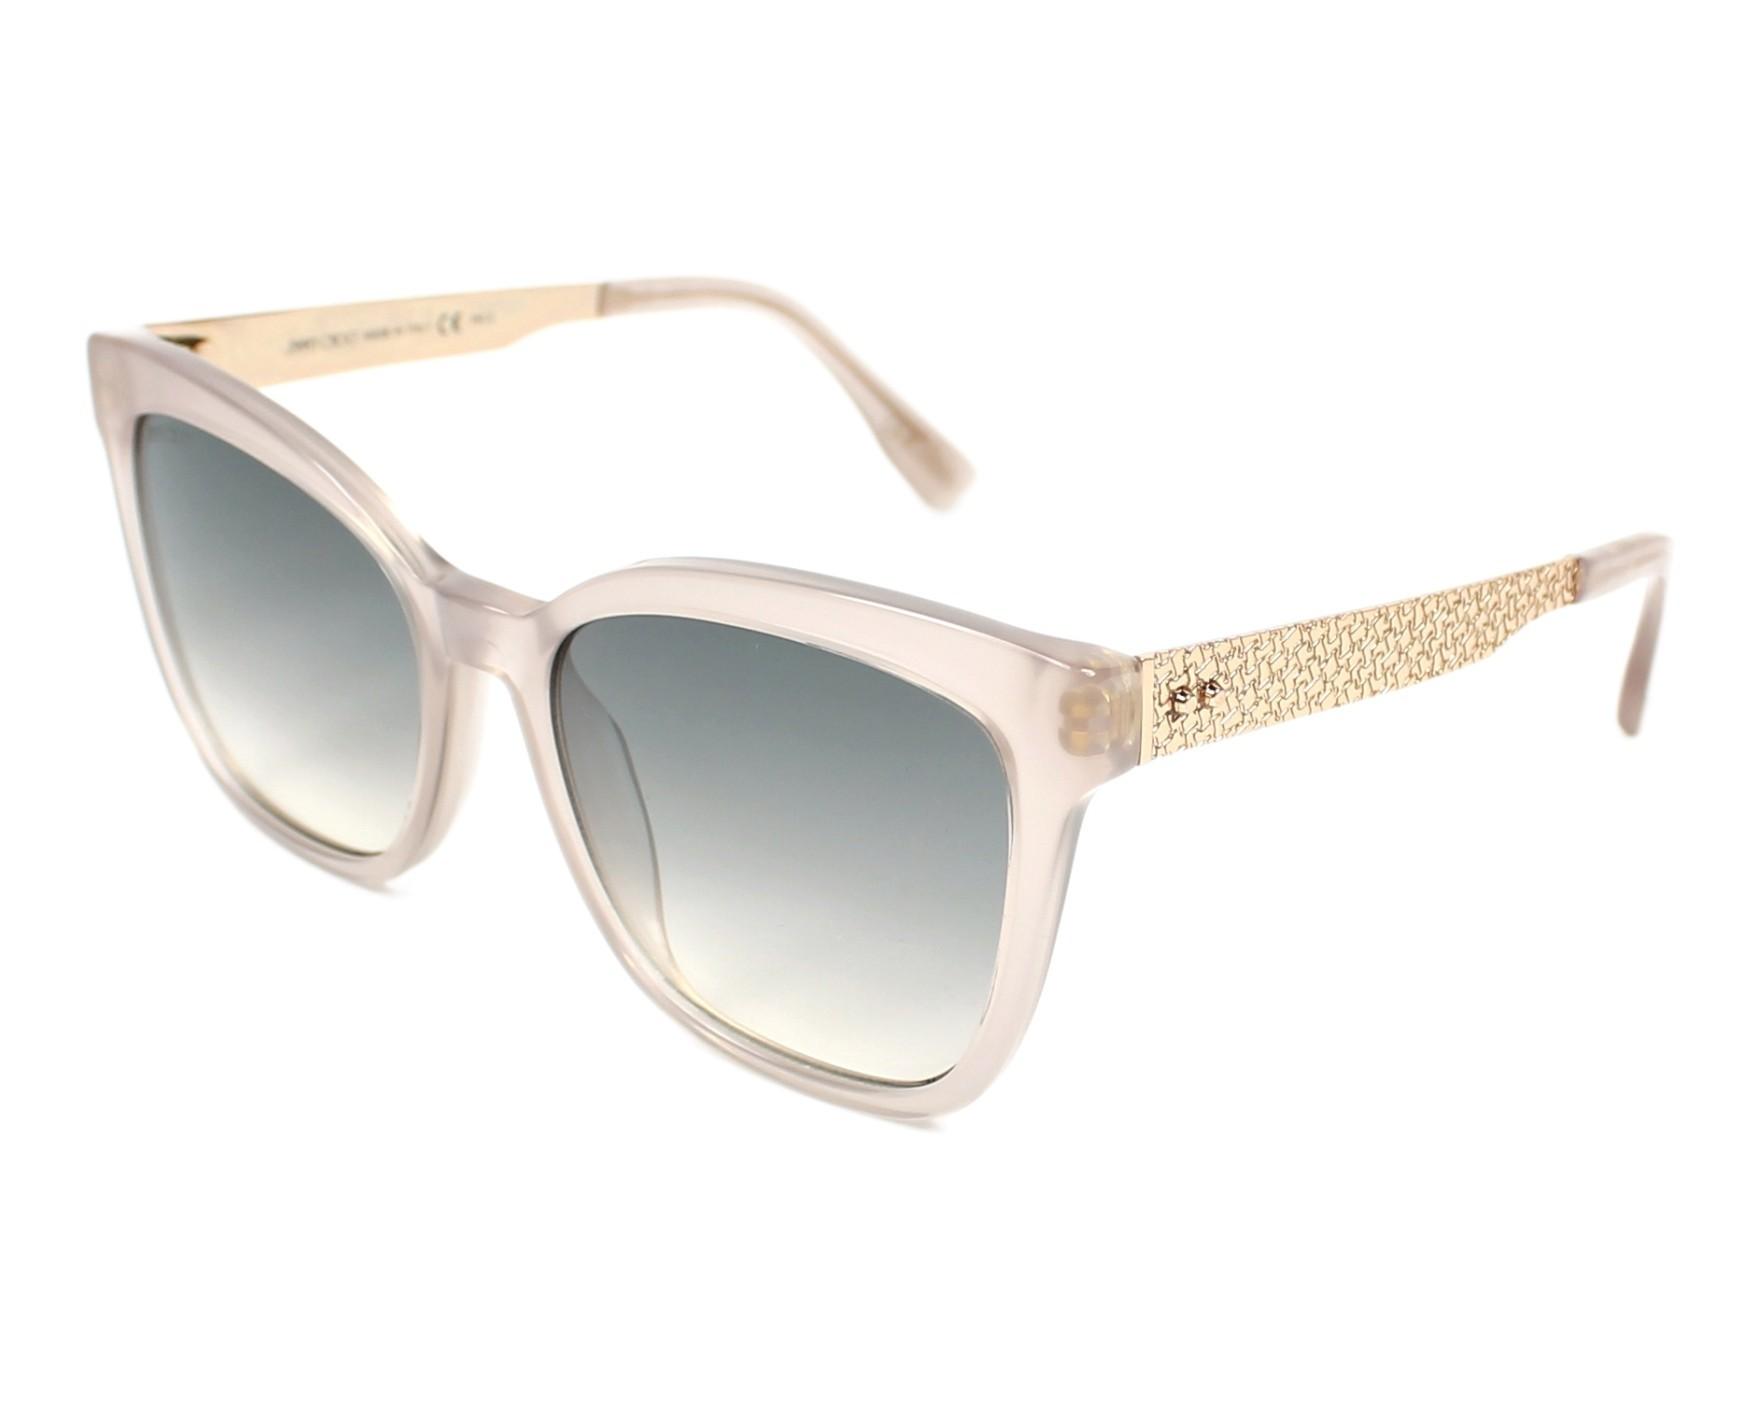 Jimmy Choo Junia/S Sonnenbrille Rosa und Gold PR5 55mm 3atV7elcU